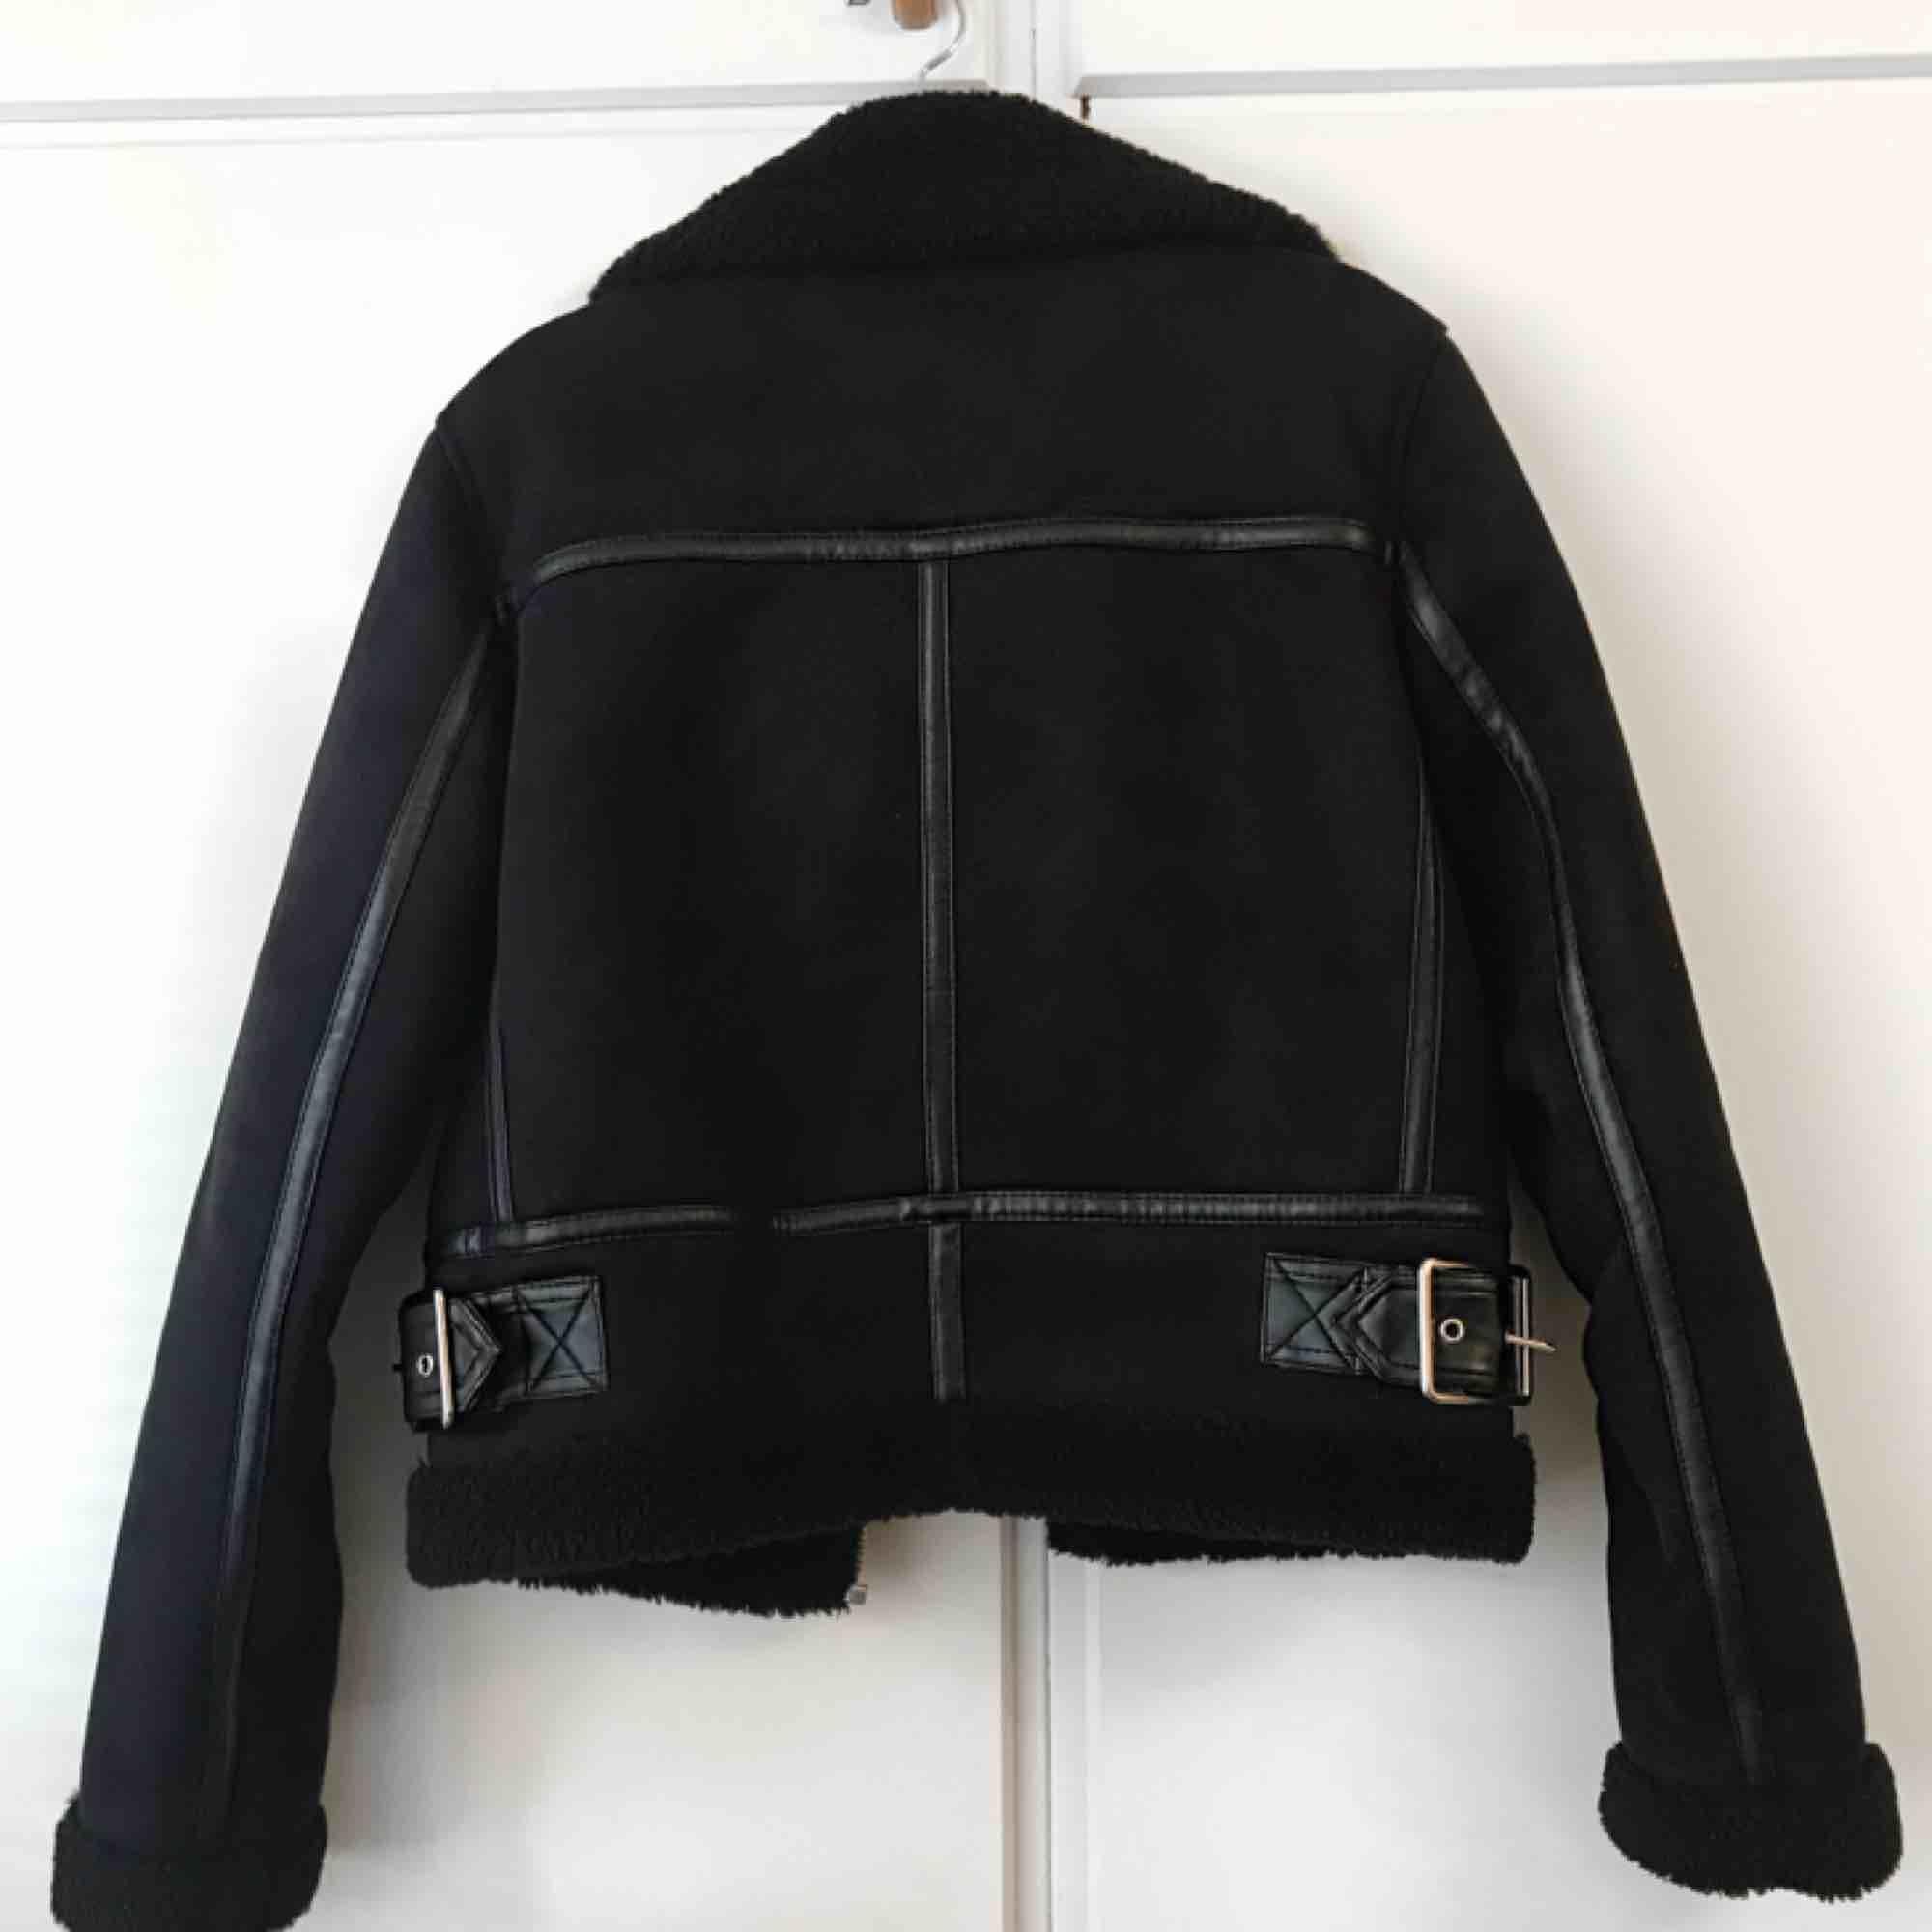 Favorit biker shearling jackan💔 Tjockfoder och leather detaljer. Höll mig varm hela vintern. Sparsamt använd. Strl S från Zara 🖤. Jackor.